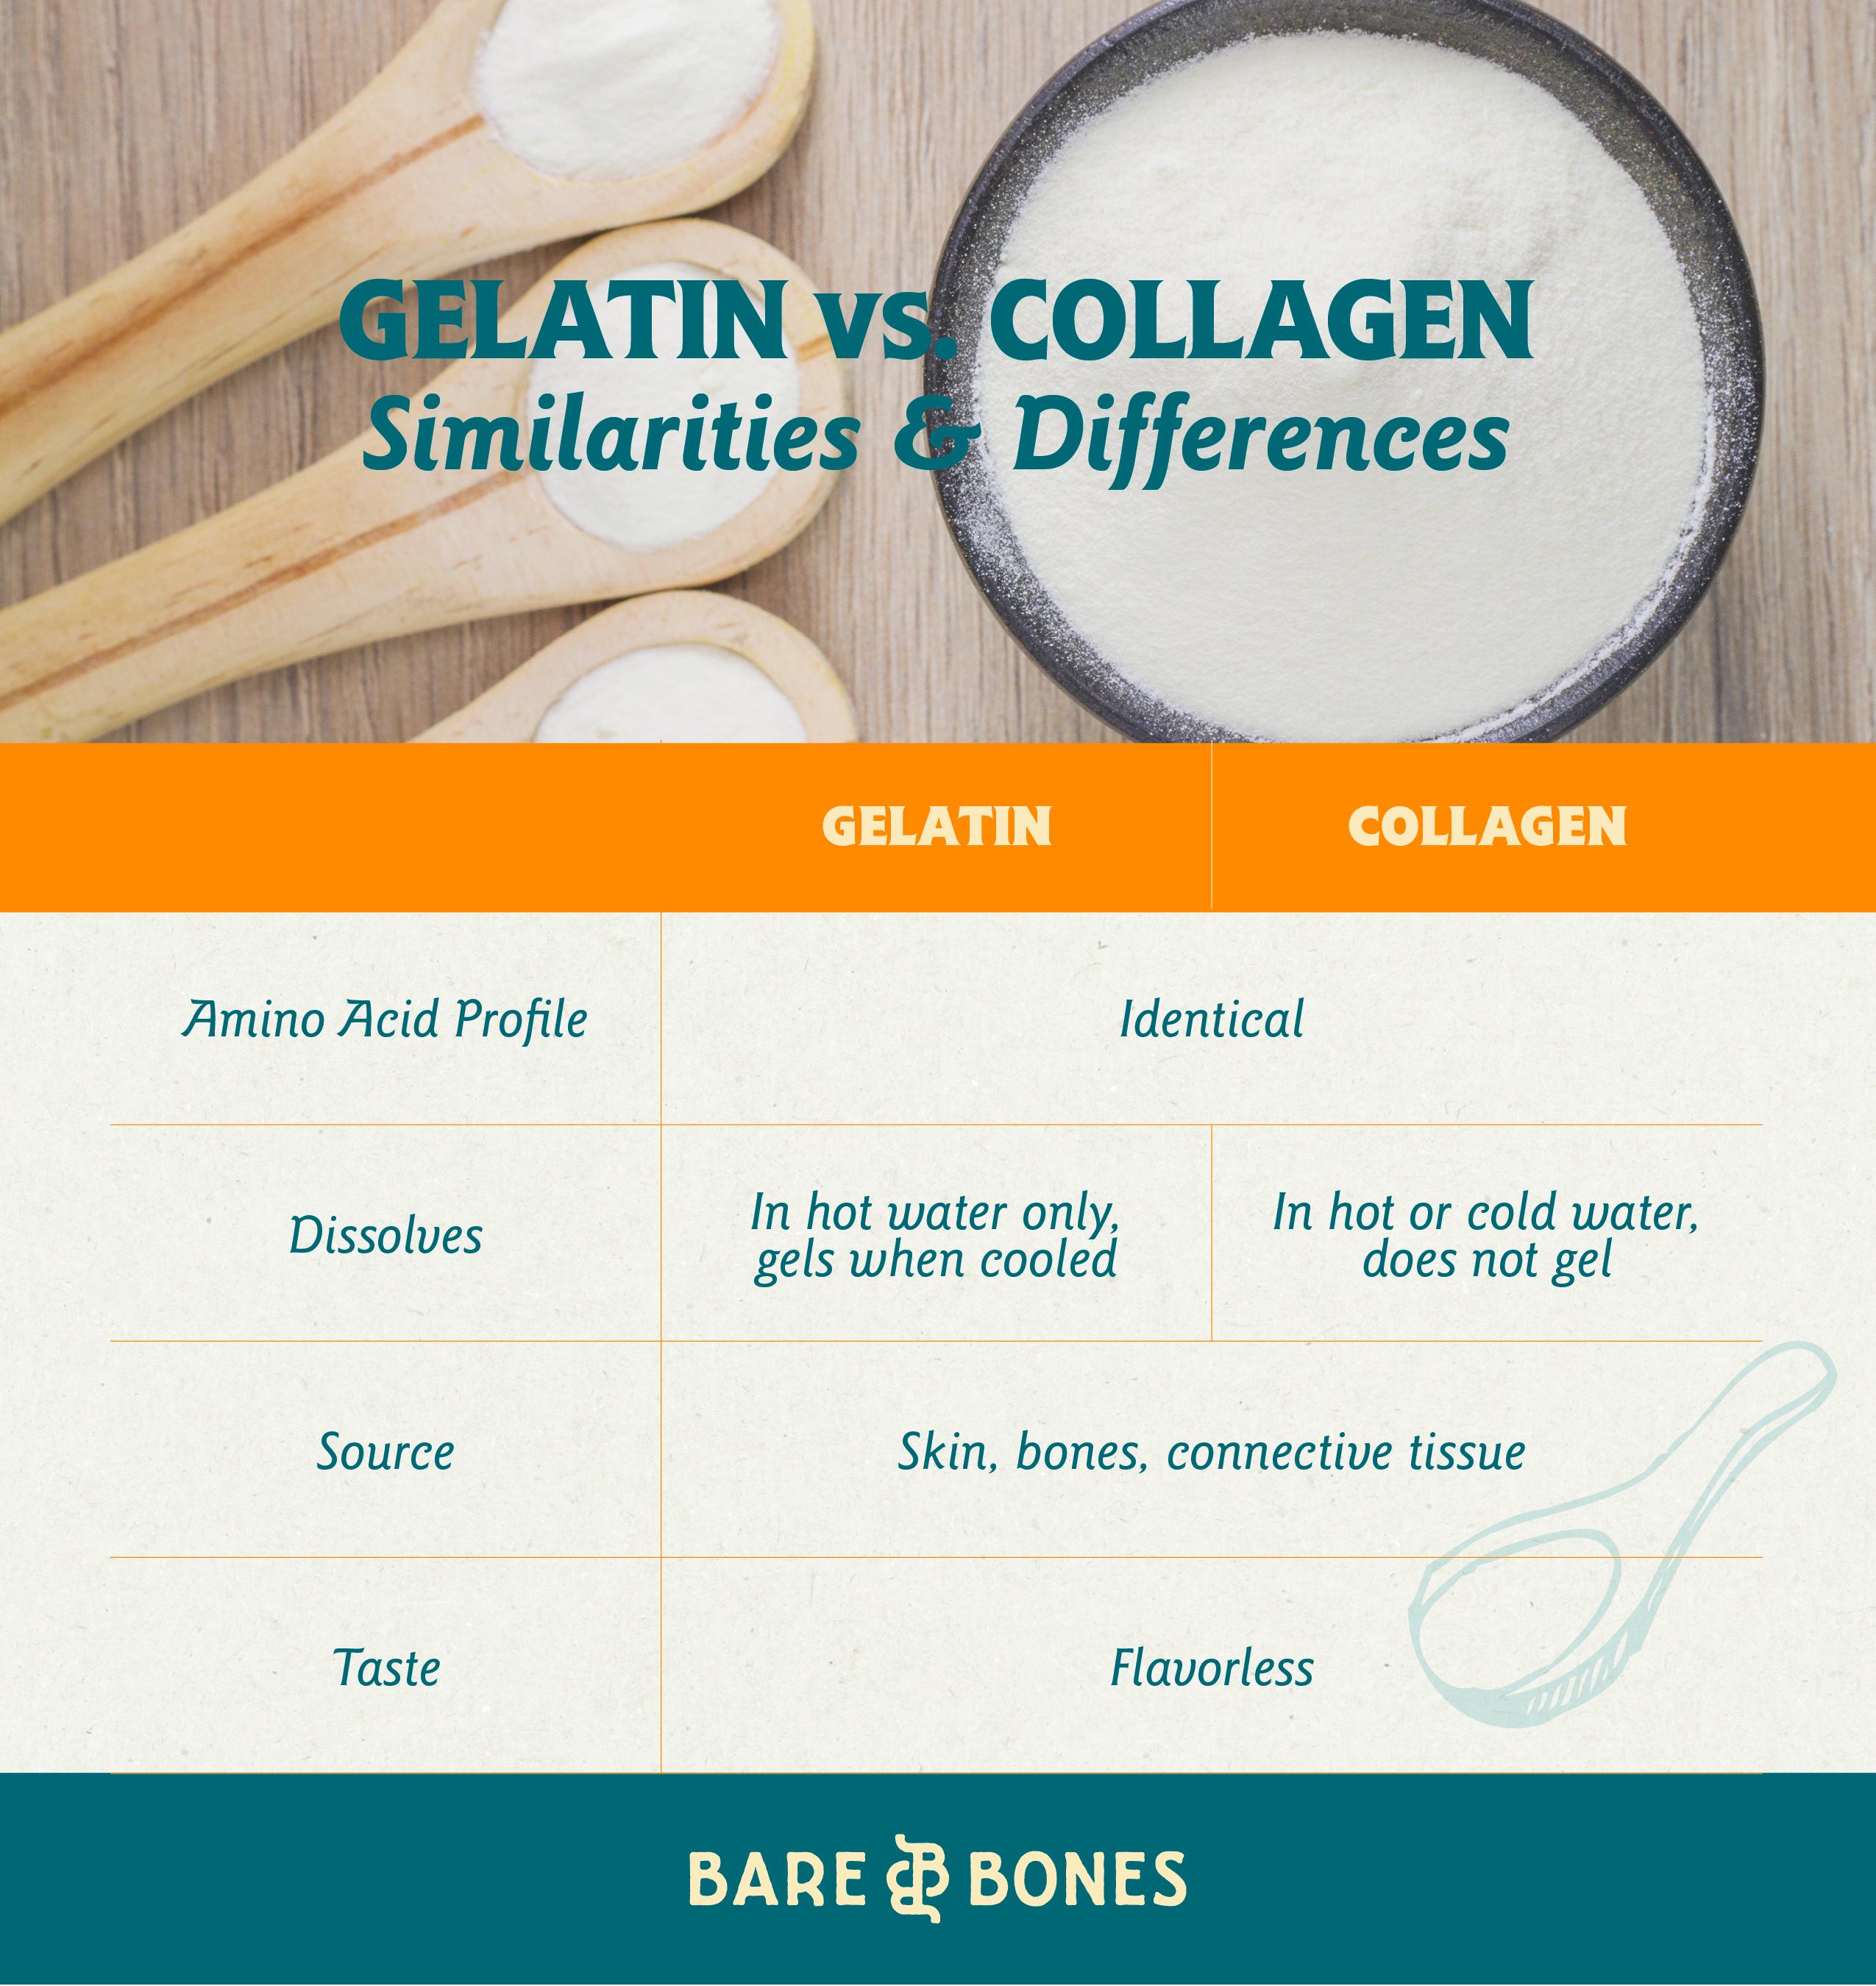 collagen vs gelatin